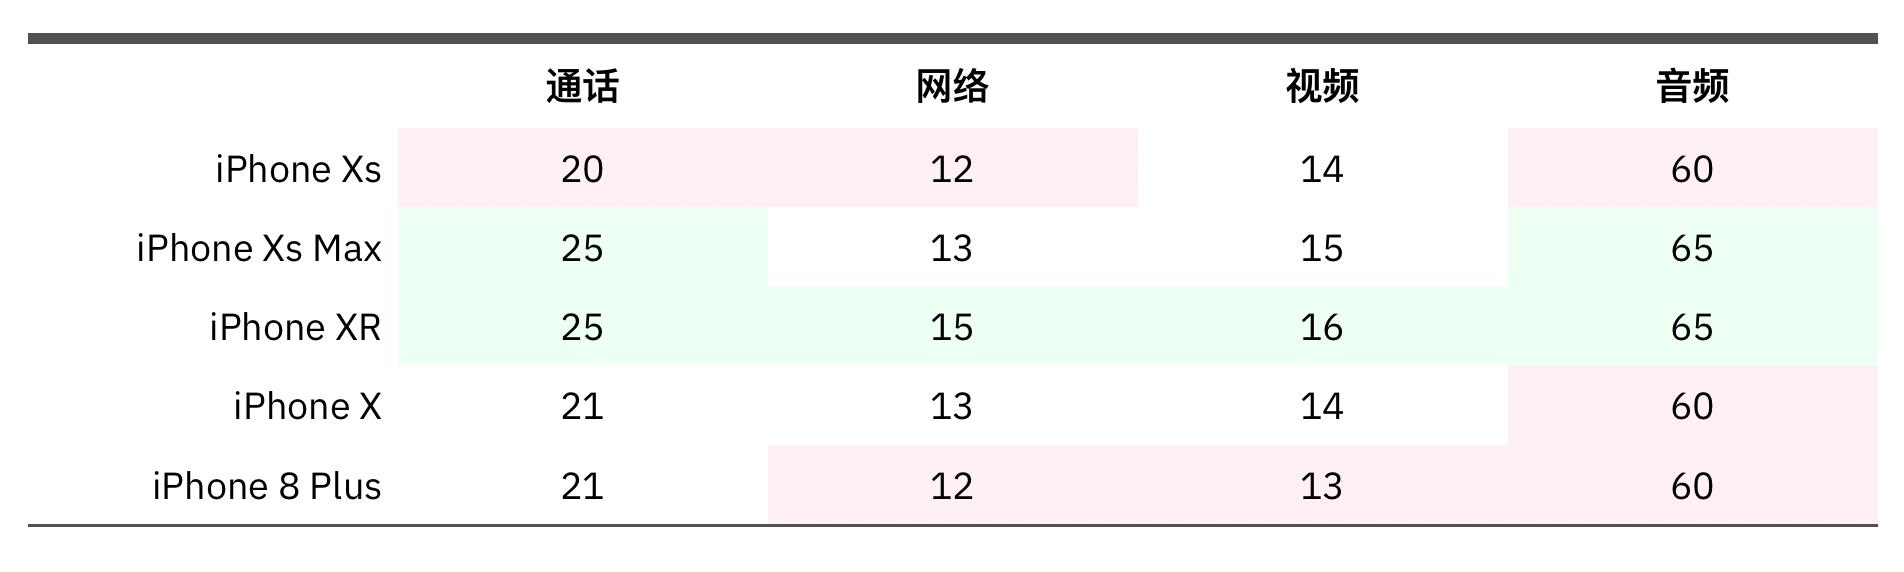 主要型号电池时间对比(官网宣称数据)